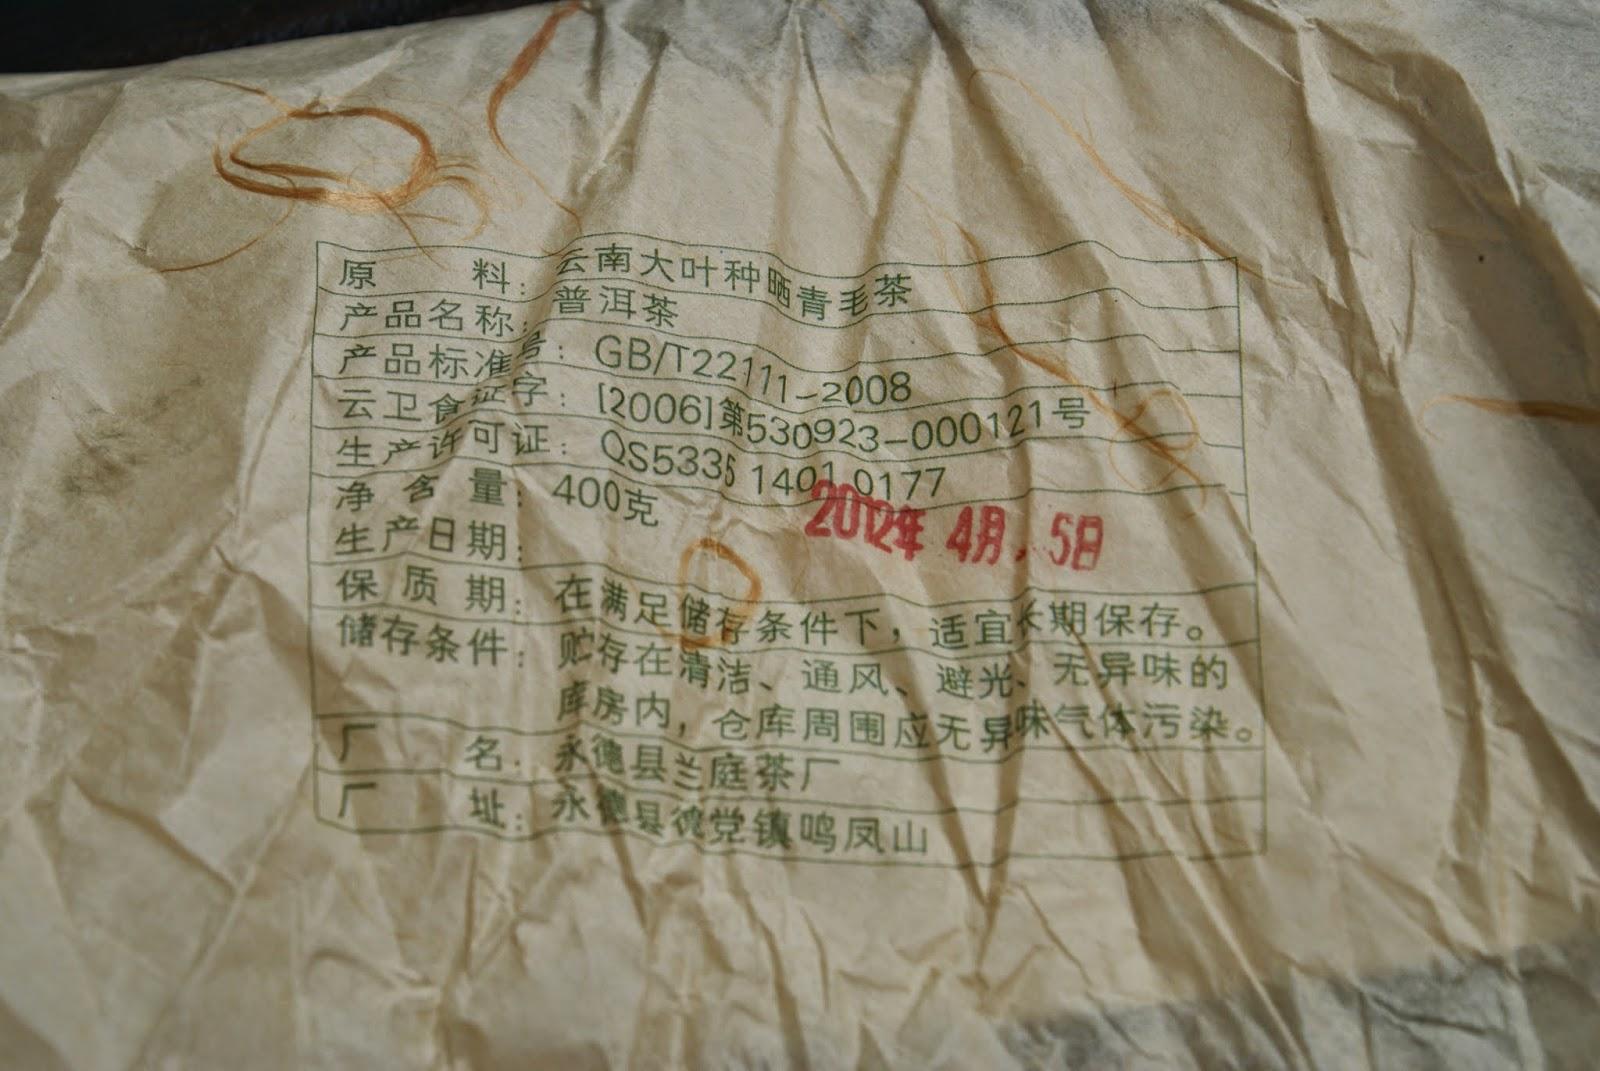 LTC Da Xue Shan 2012